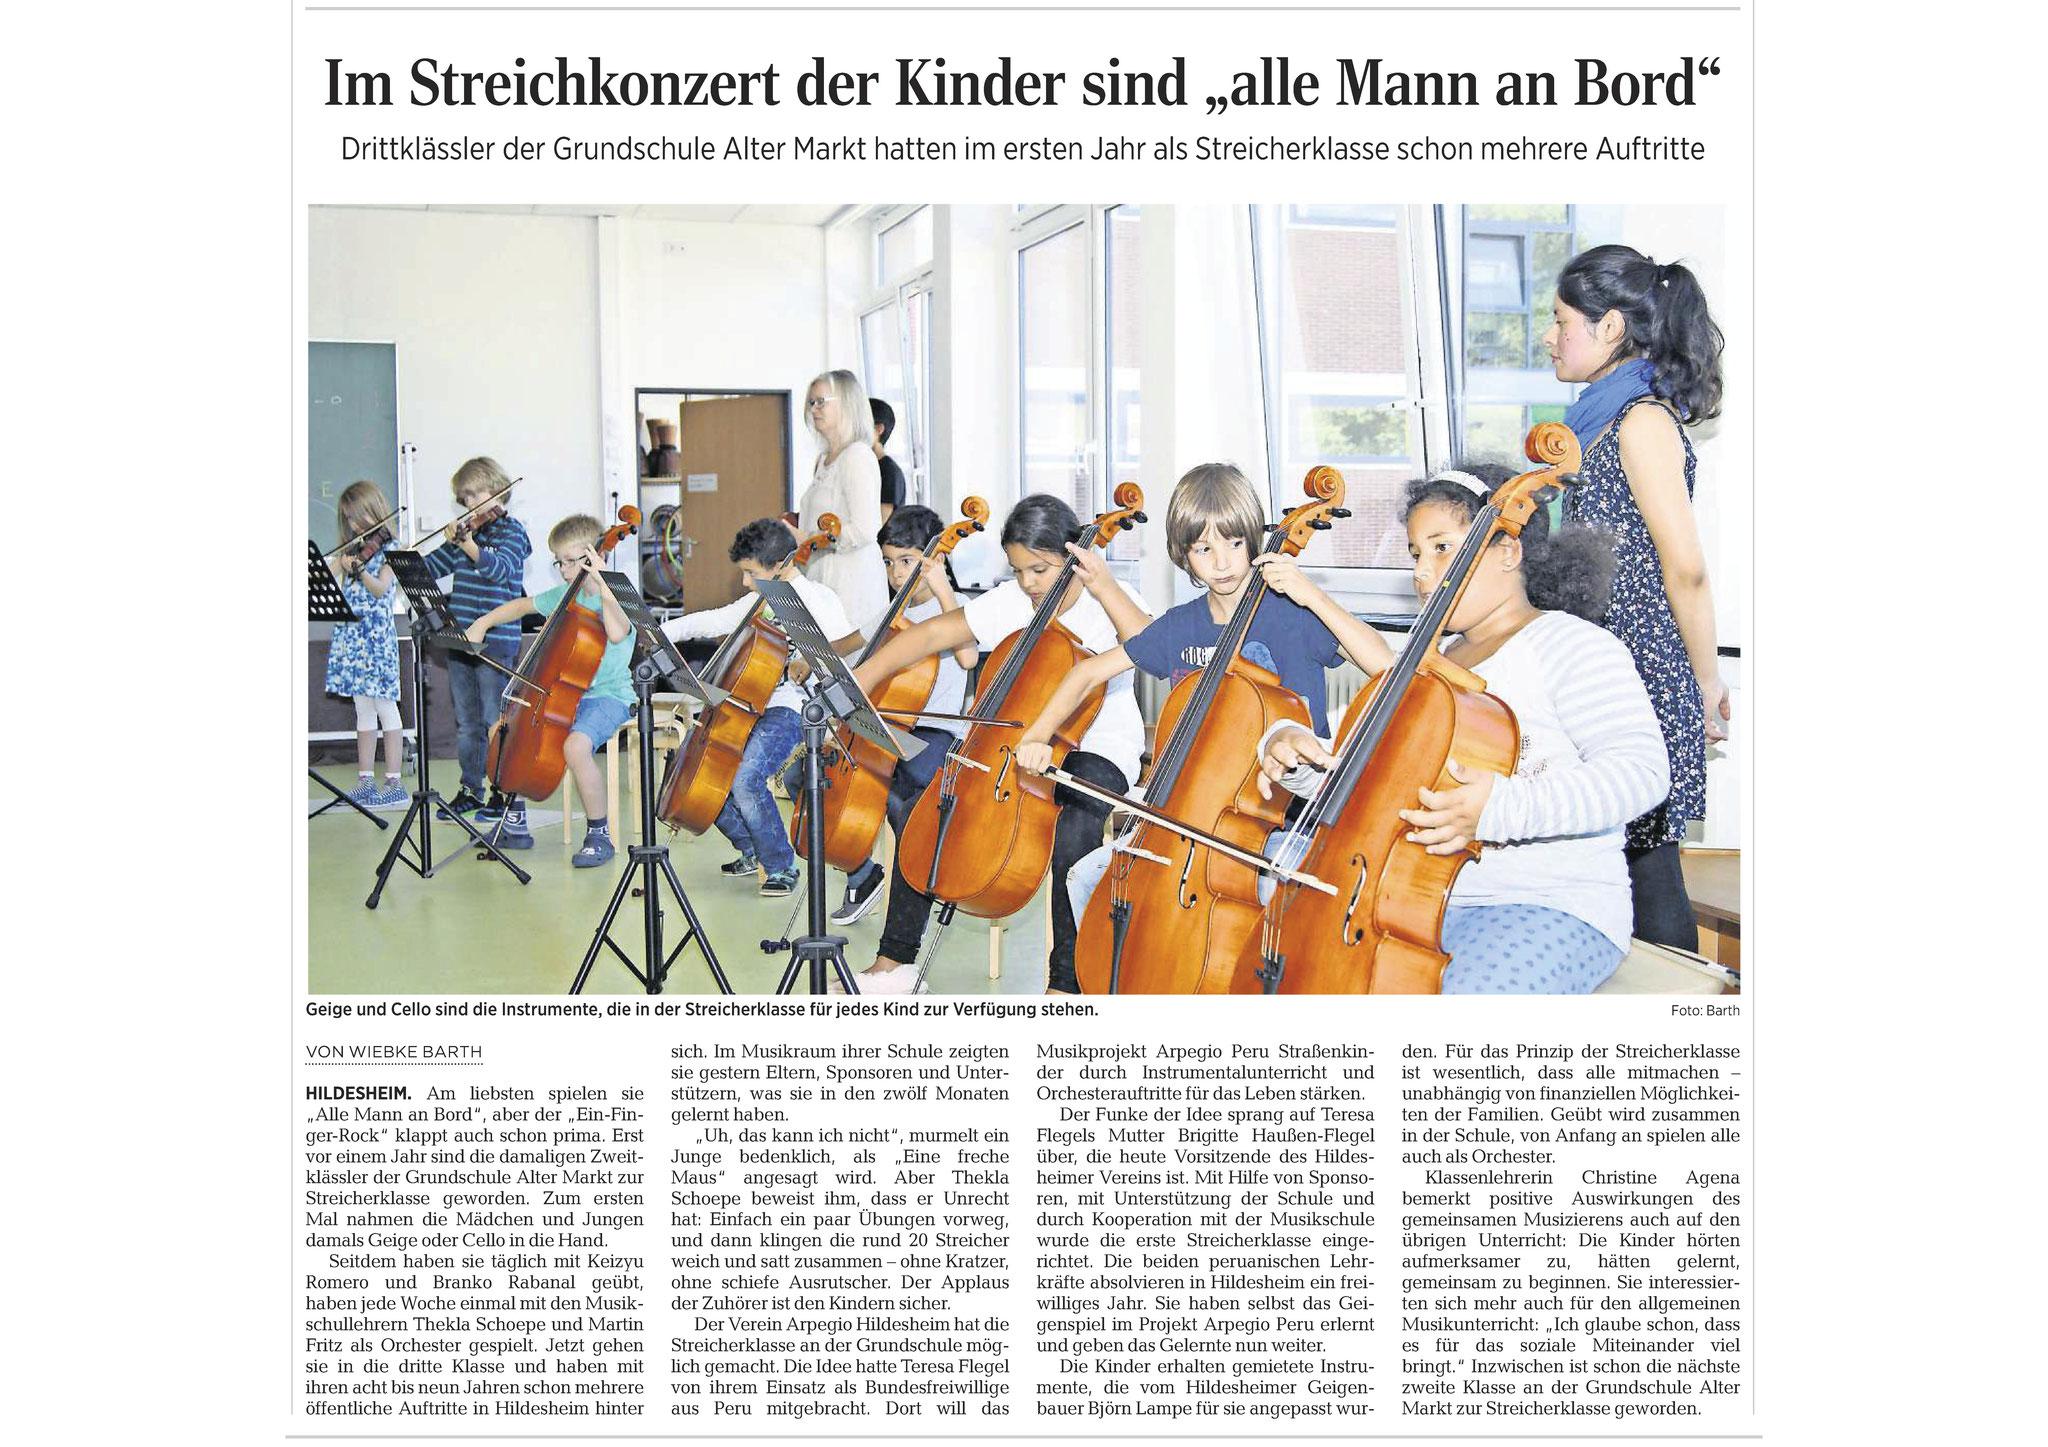 07.09.2016 Quelle: Hildesheimer Allgemeine Zeitung